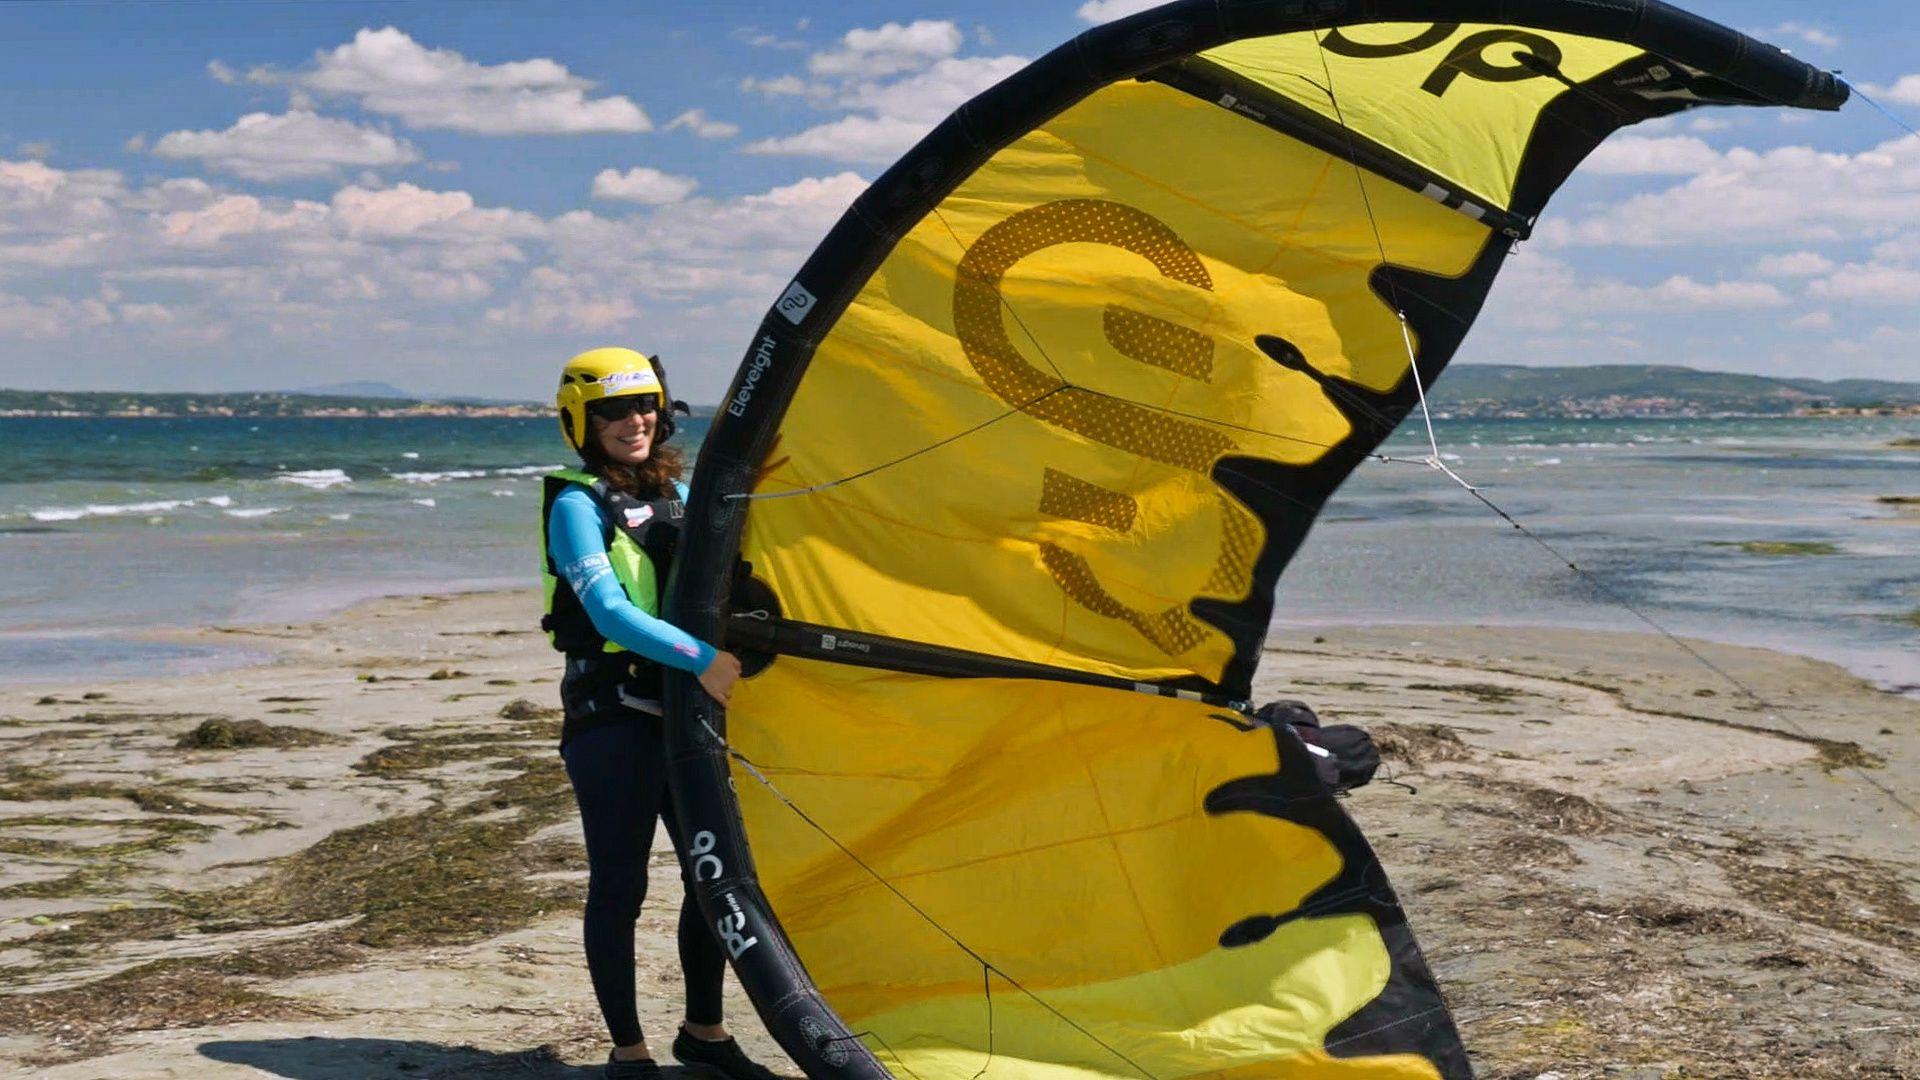 Séance de kitesurf sur l'étang de Thau entre jeunes